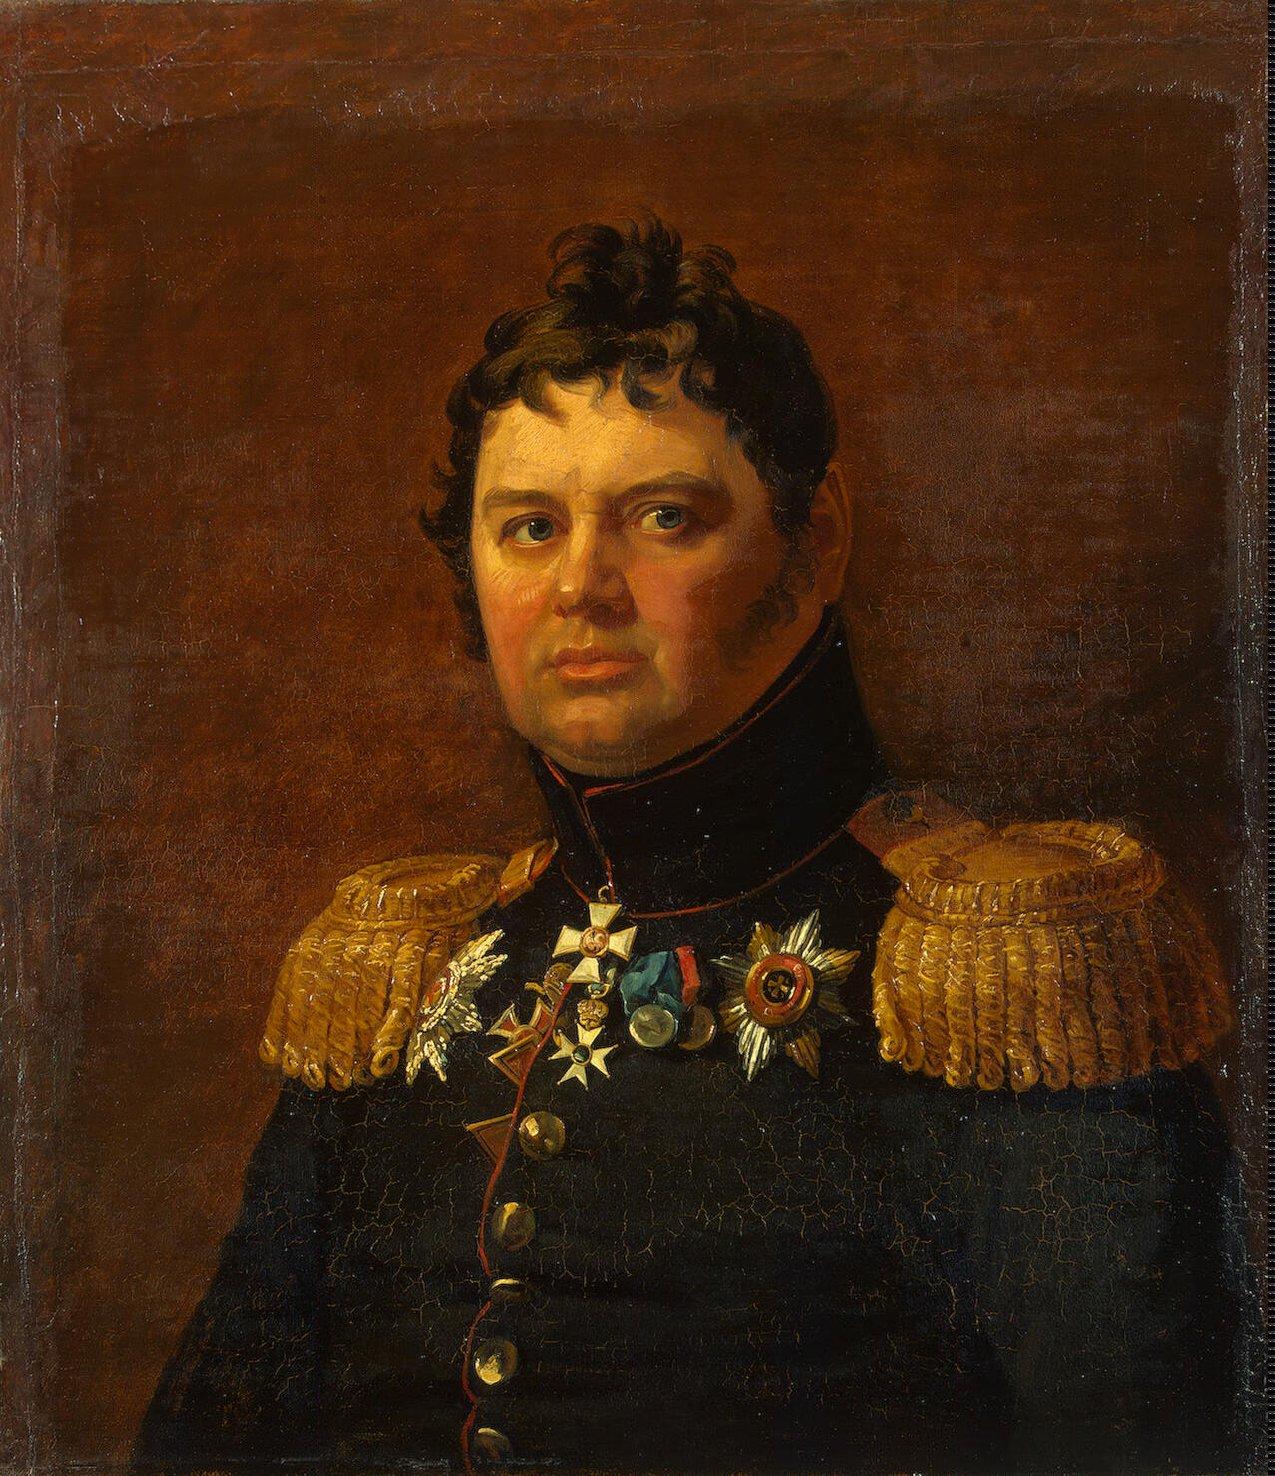 Левенштерн, Карл Фёдорович